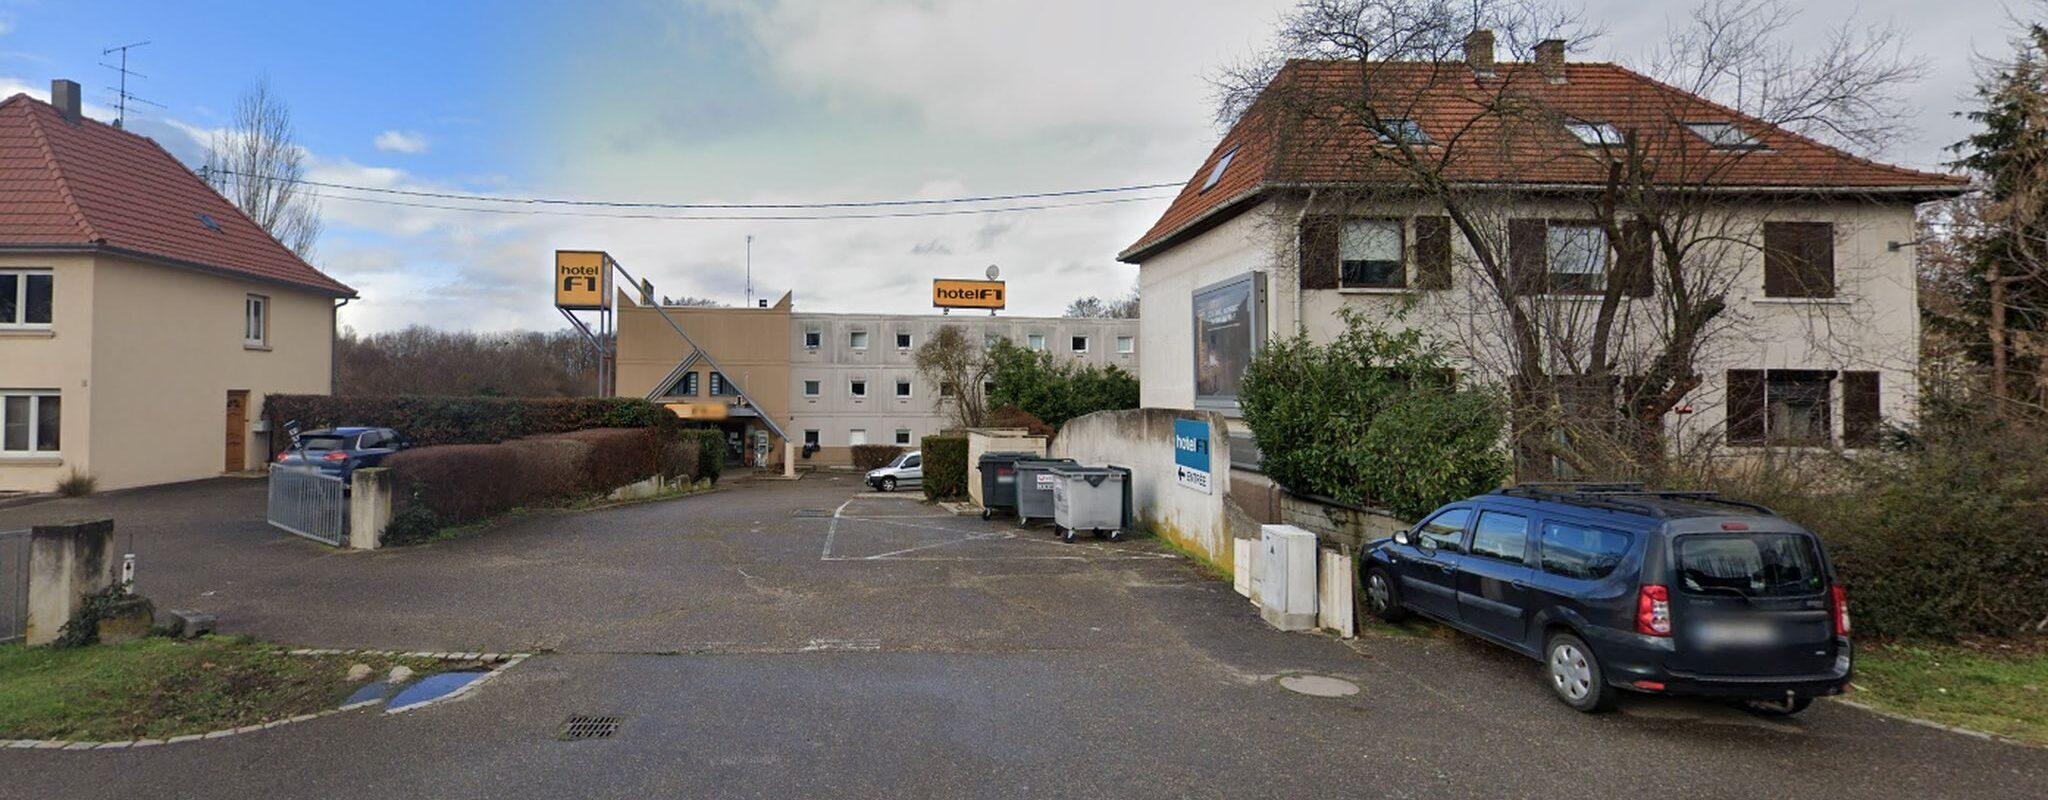 Fin de l'hébergement à l'hôtel F1 de Geispolsheim, une vingtaine de personnes à la rue